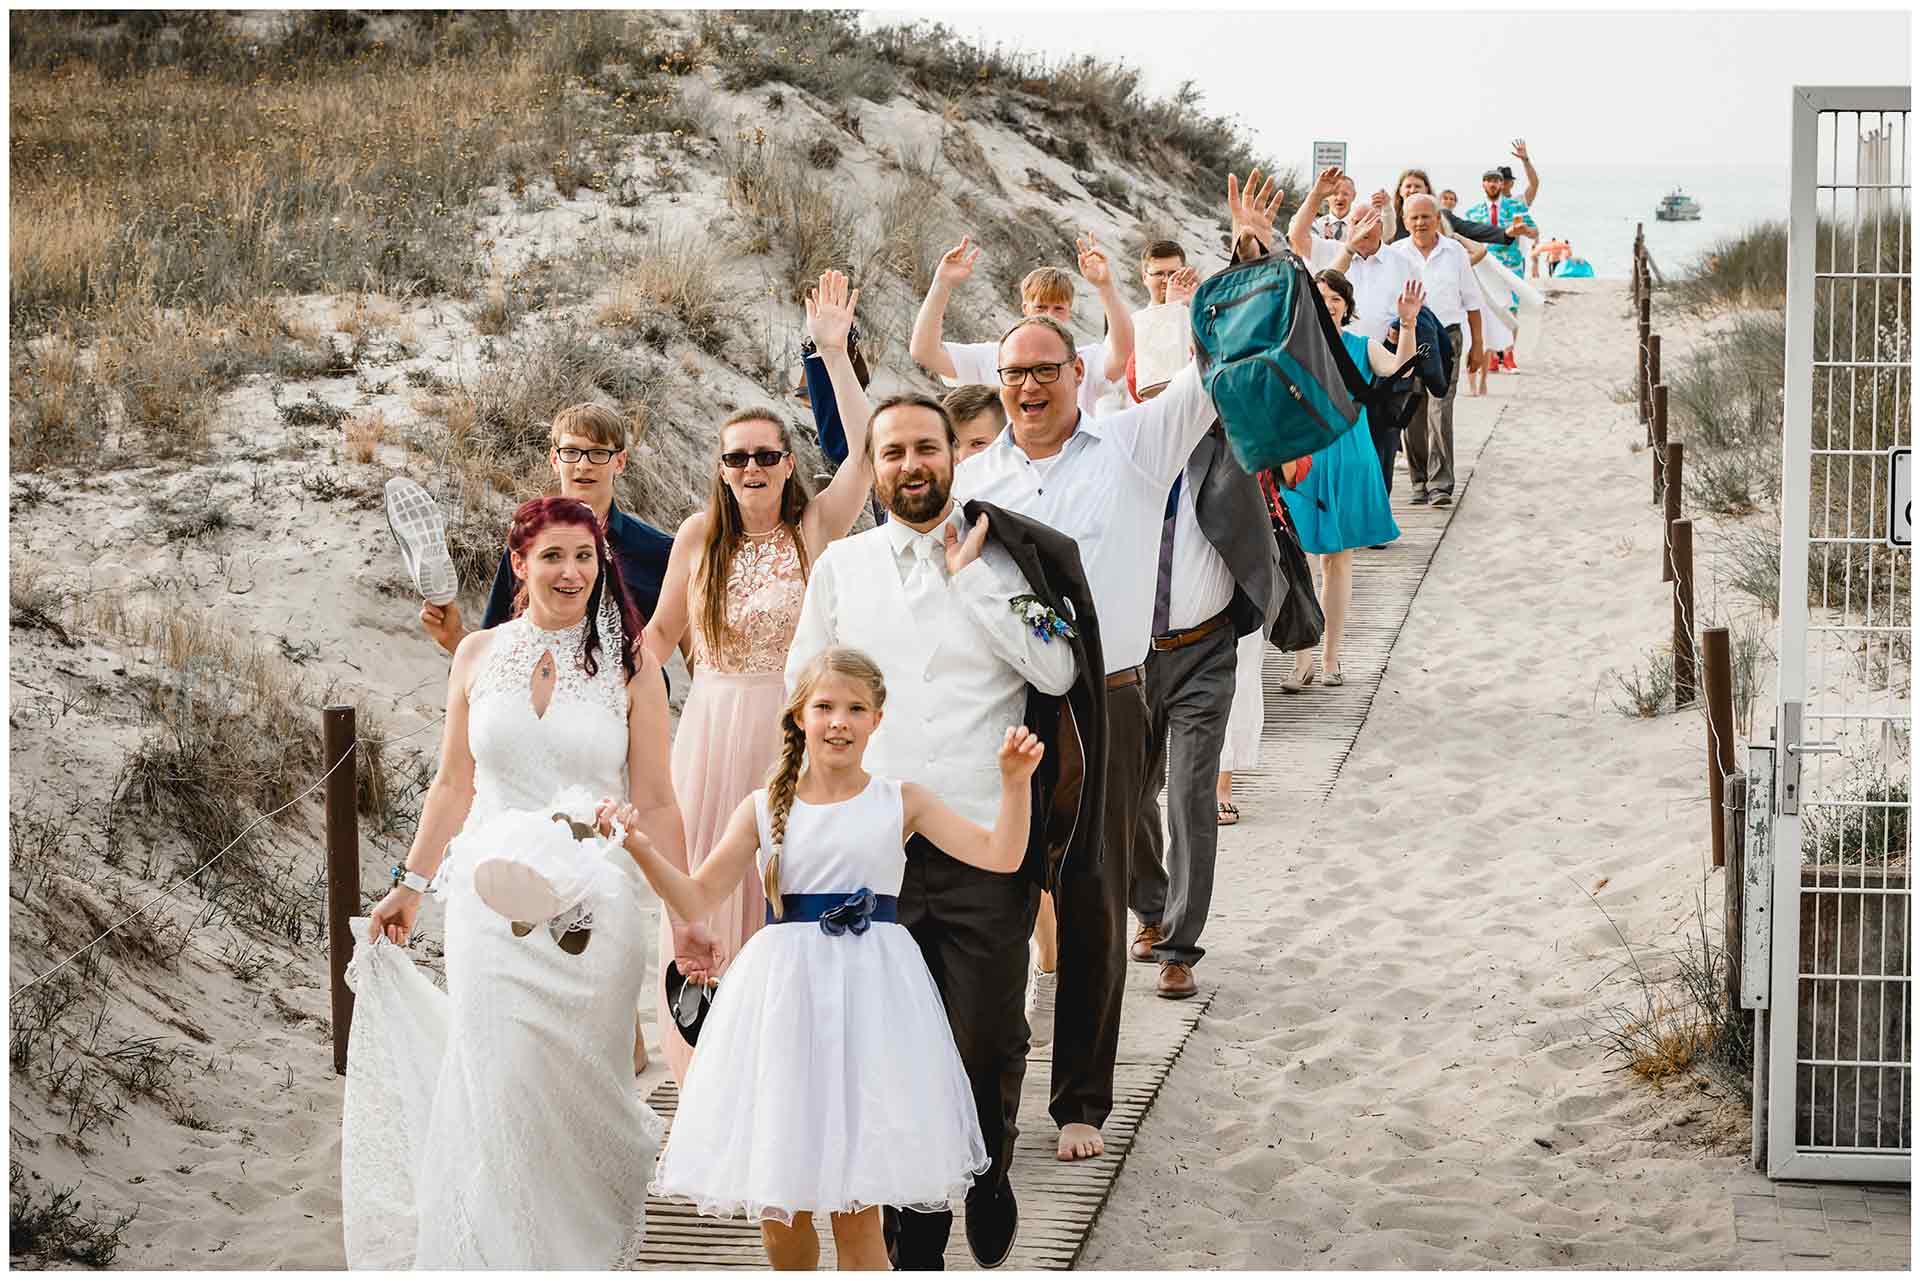 Brautpaar-und-Gaeste-gehen-nach-Freier-Trauung-am-Strand-zurueck-ins-Hotel-Neptun-Hochzeit-am-Strand-Hochzeitsfotograf-Warnemuende-Hochzeitsfotograf-Rostock-Hochzeitsfotograf-Ostseebad-Warnemuende